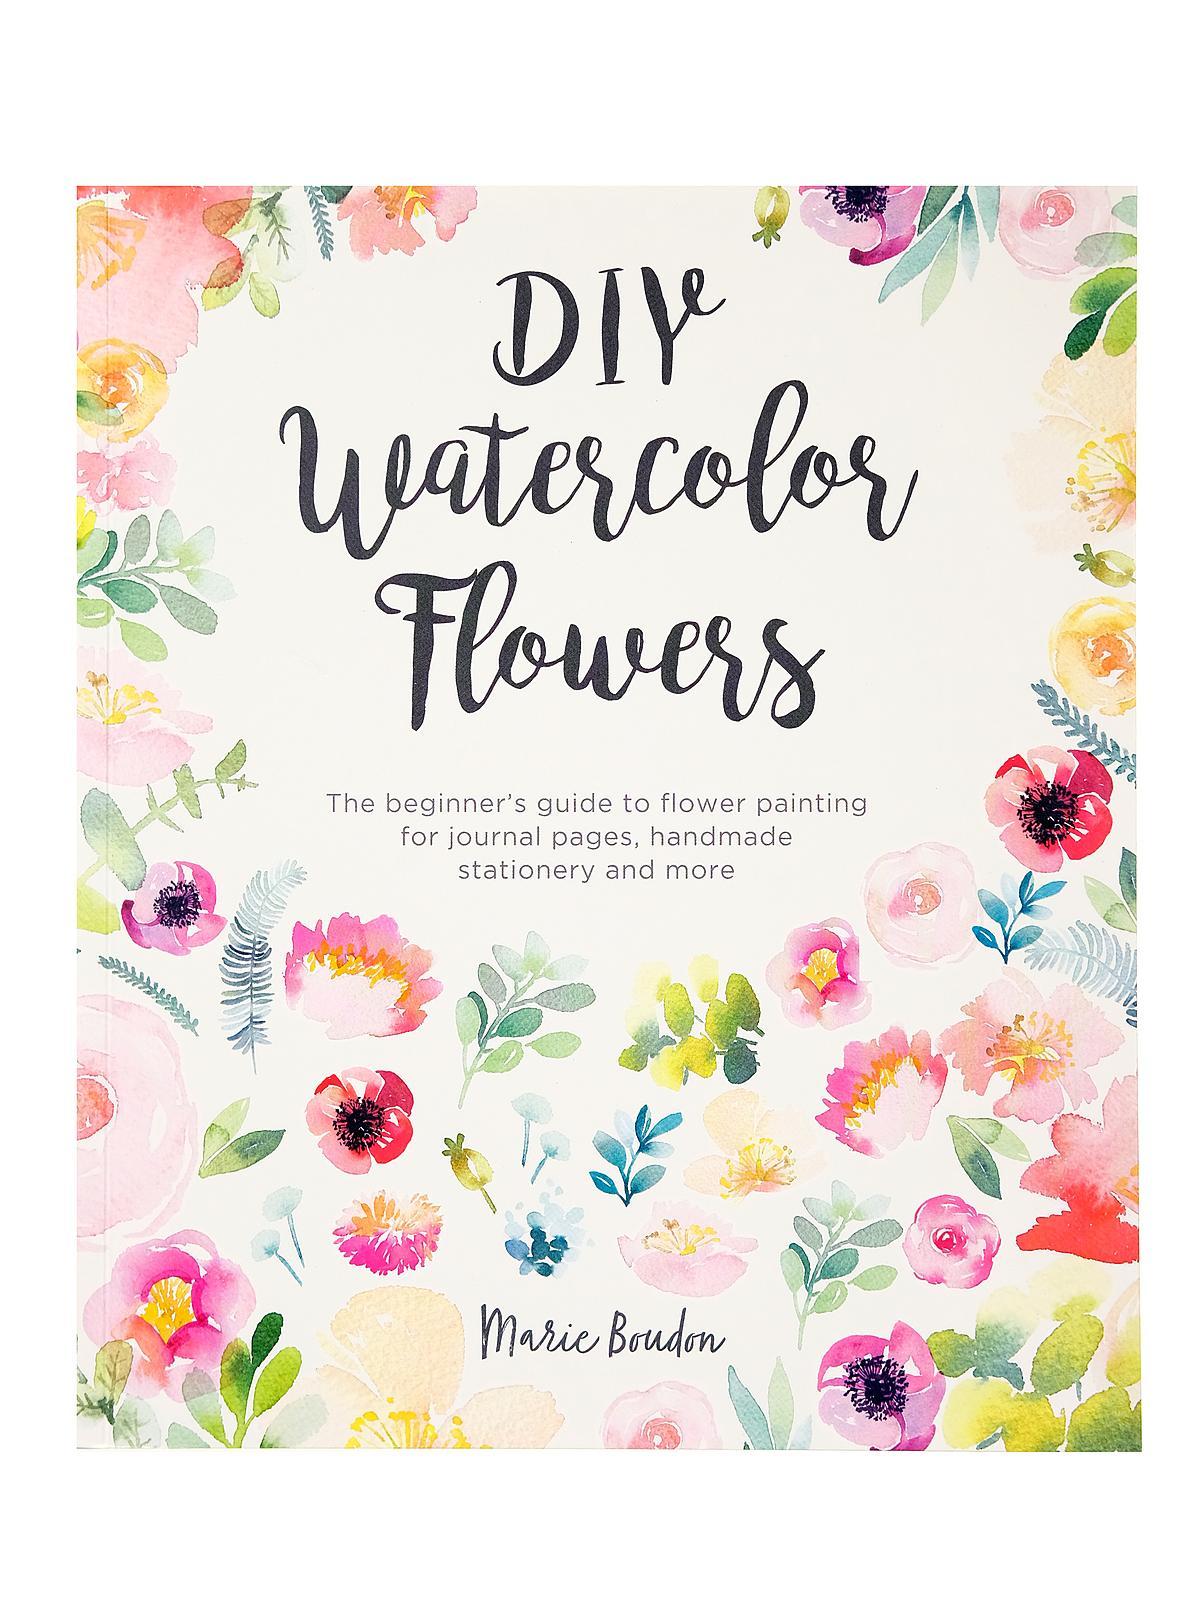 DIY Watercolor Flowers